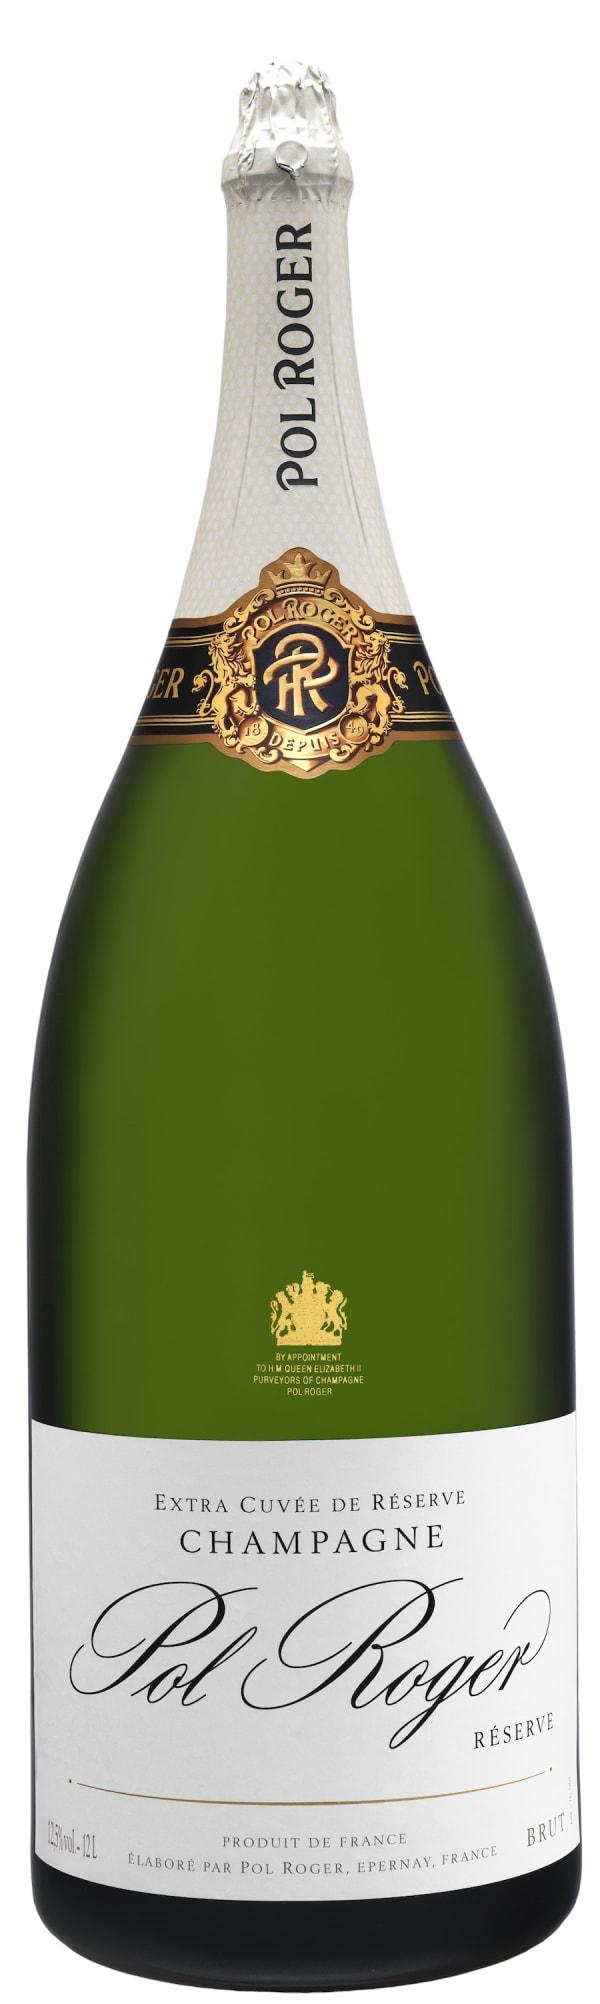 Pol Roger Réserve Champagne Brut Balthazar